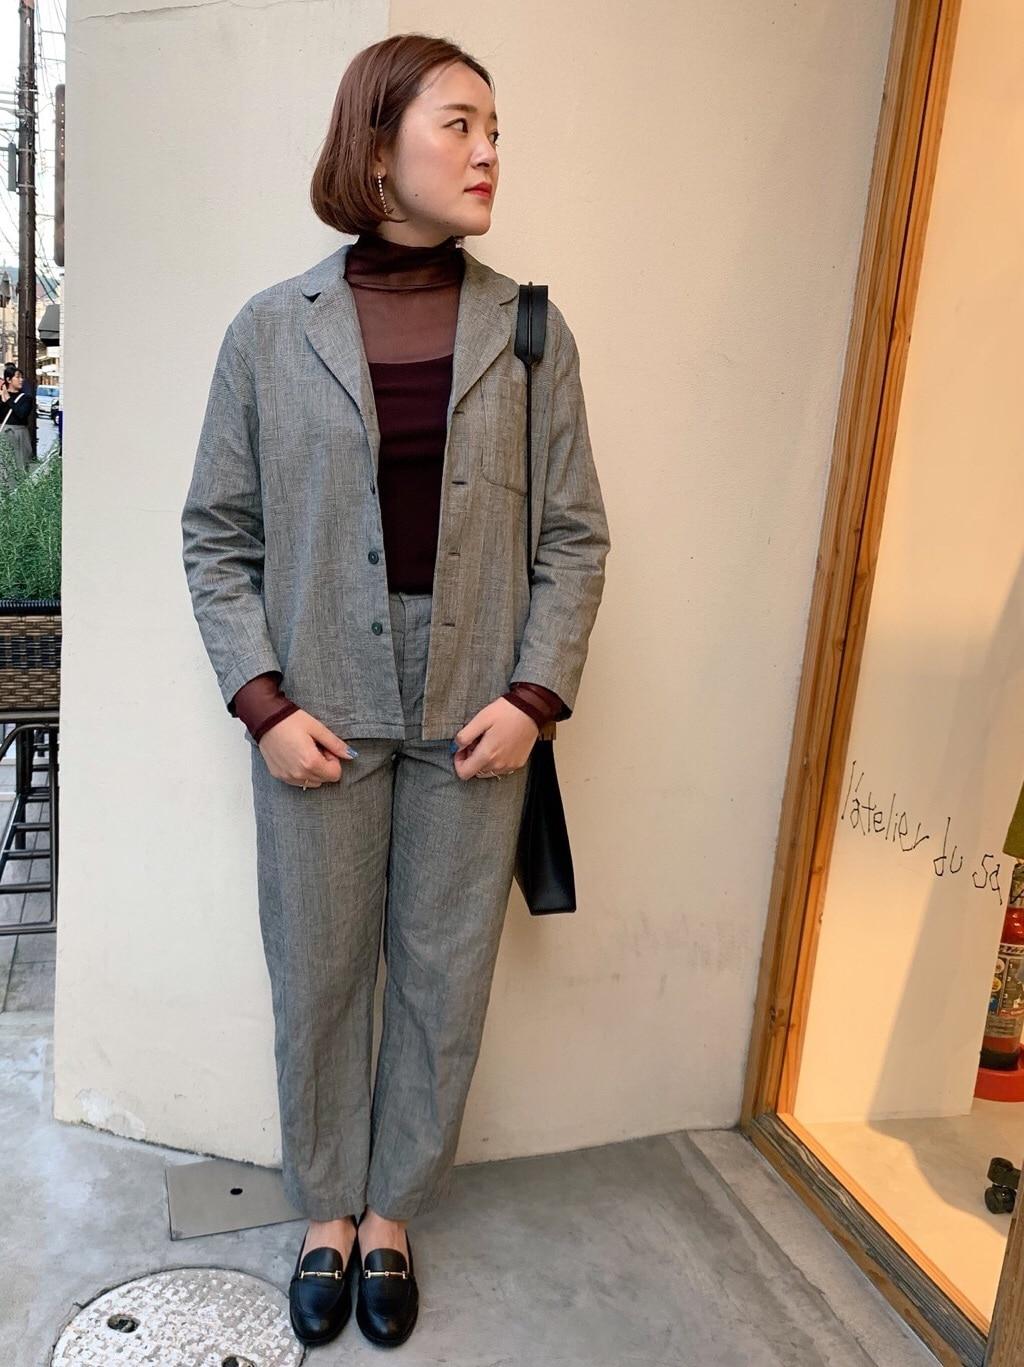 l'atelier du savon 京都路面 身長:166cm 2019.10.16